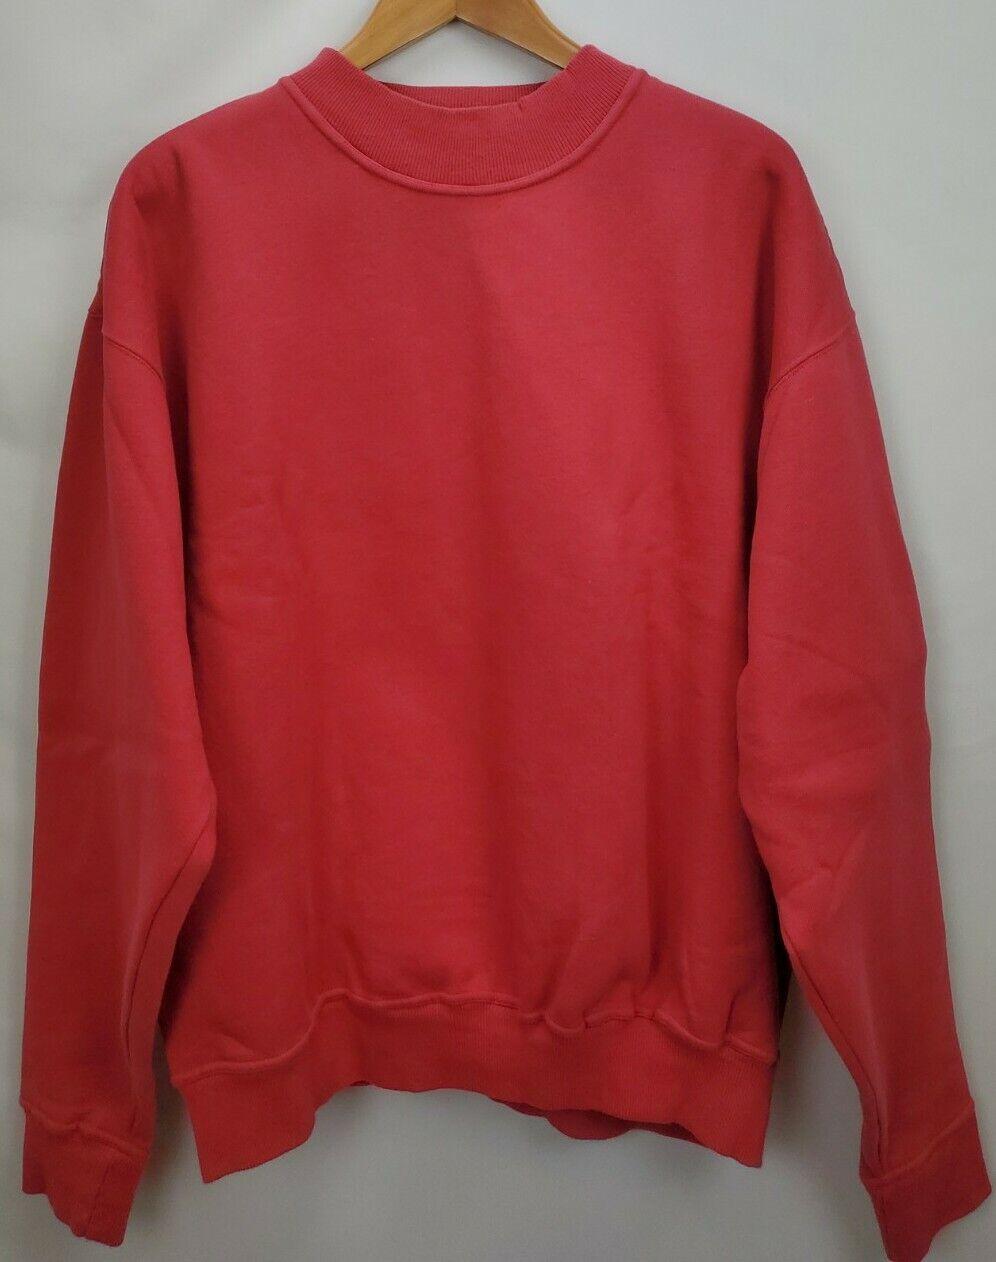 Vintage Levis Big E Sweatshirt Mens Size Large Re… - image 1